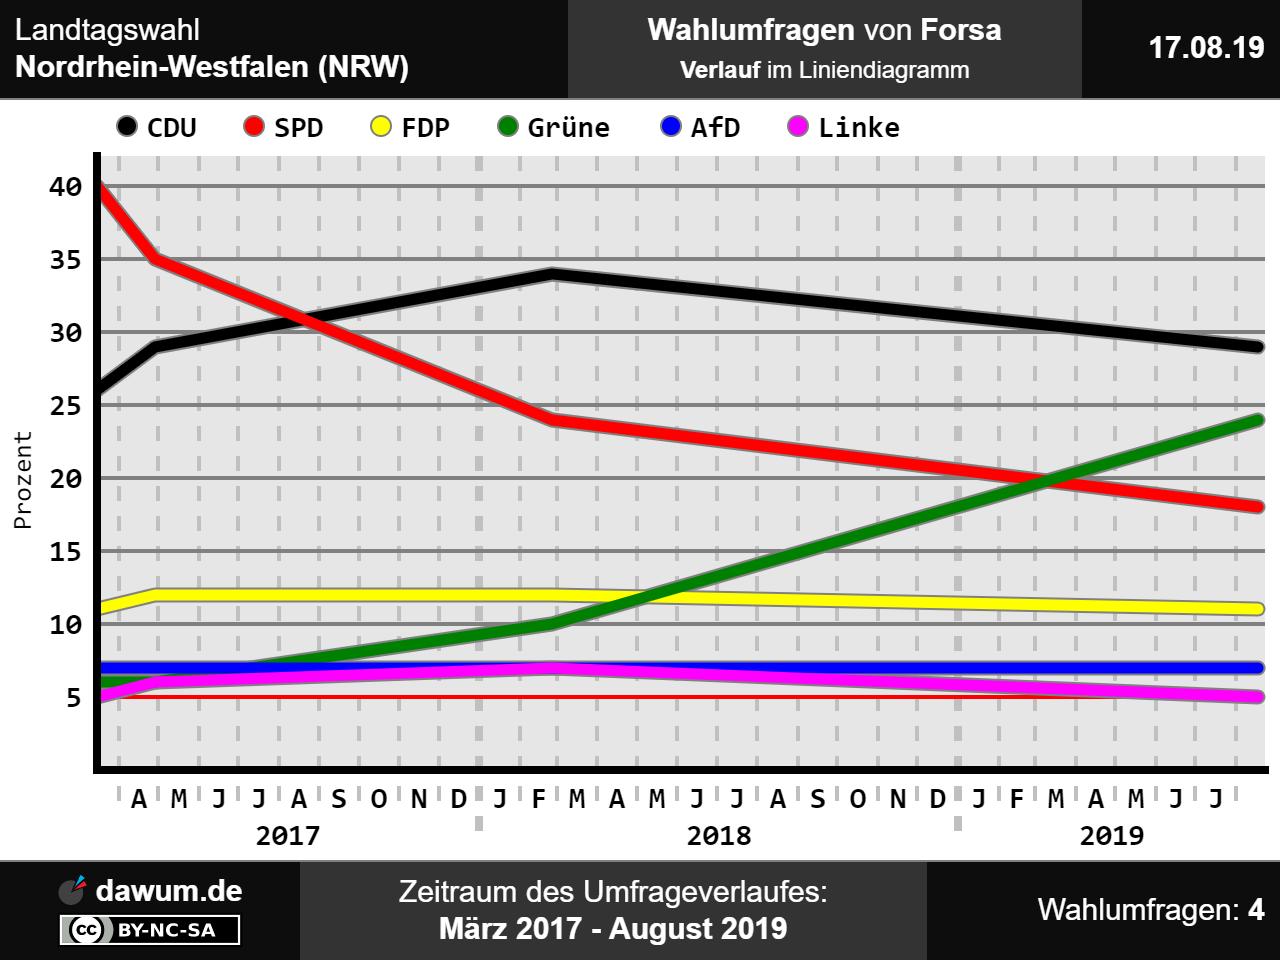 Wahlumfrage Nordrhein Westfalen